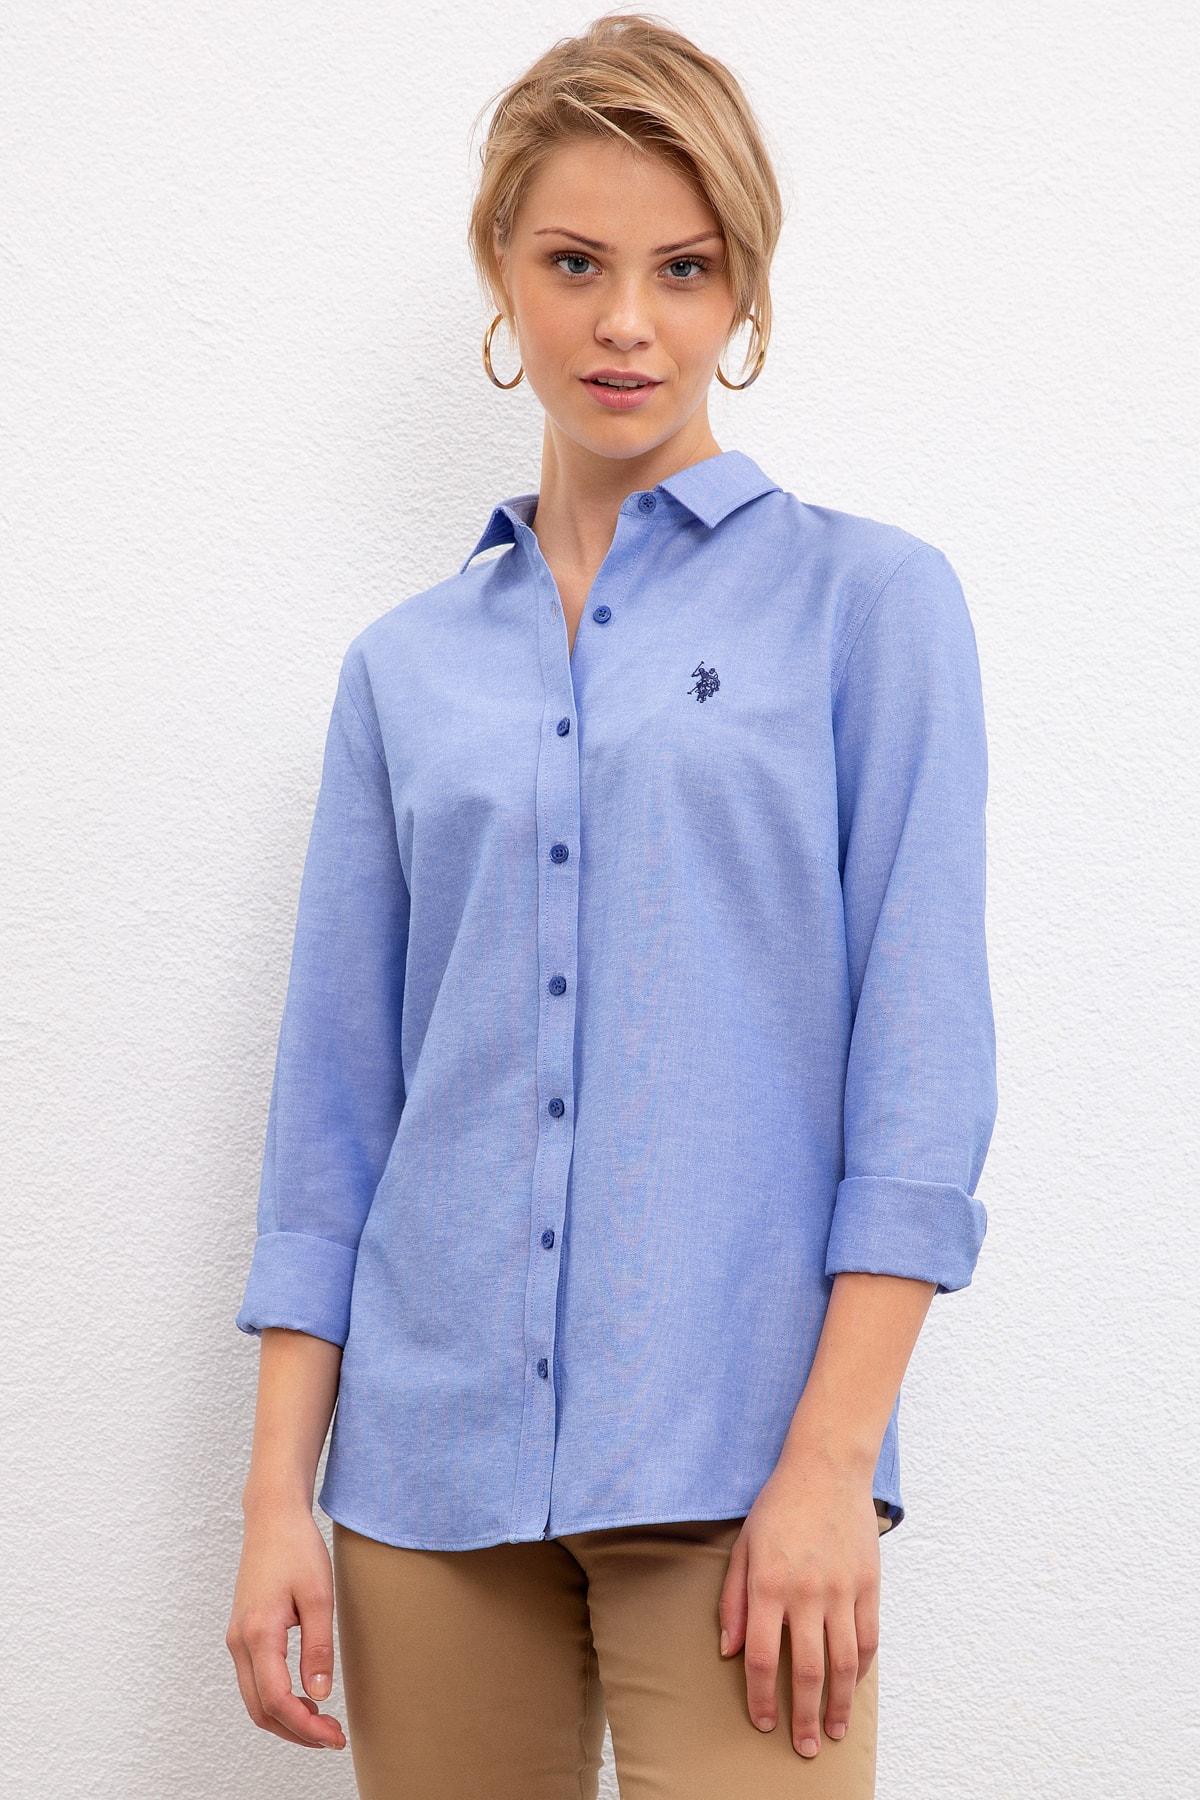 U.S. Polo Assn. Kadın Gömlek G082GL004.000.1177173 1